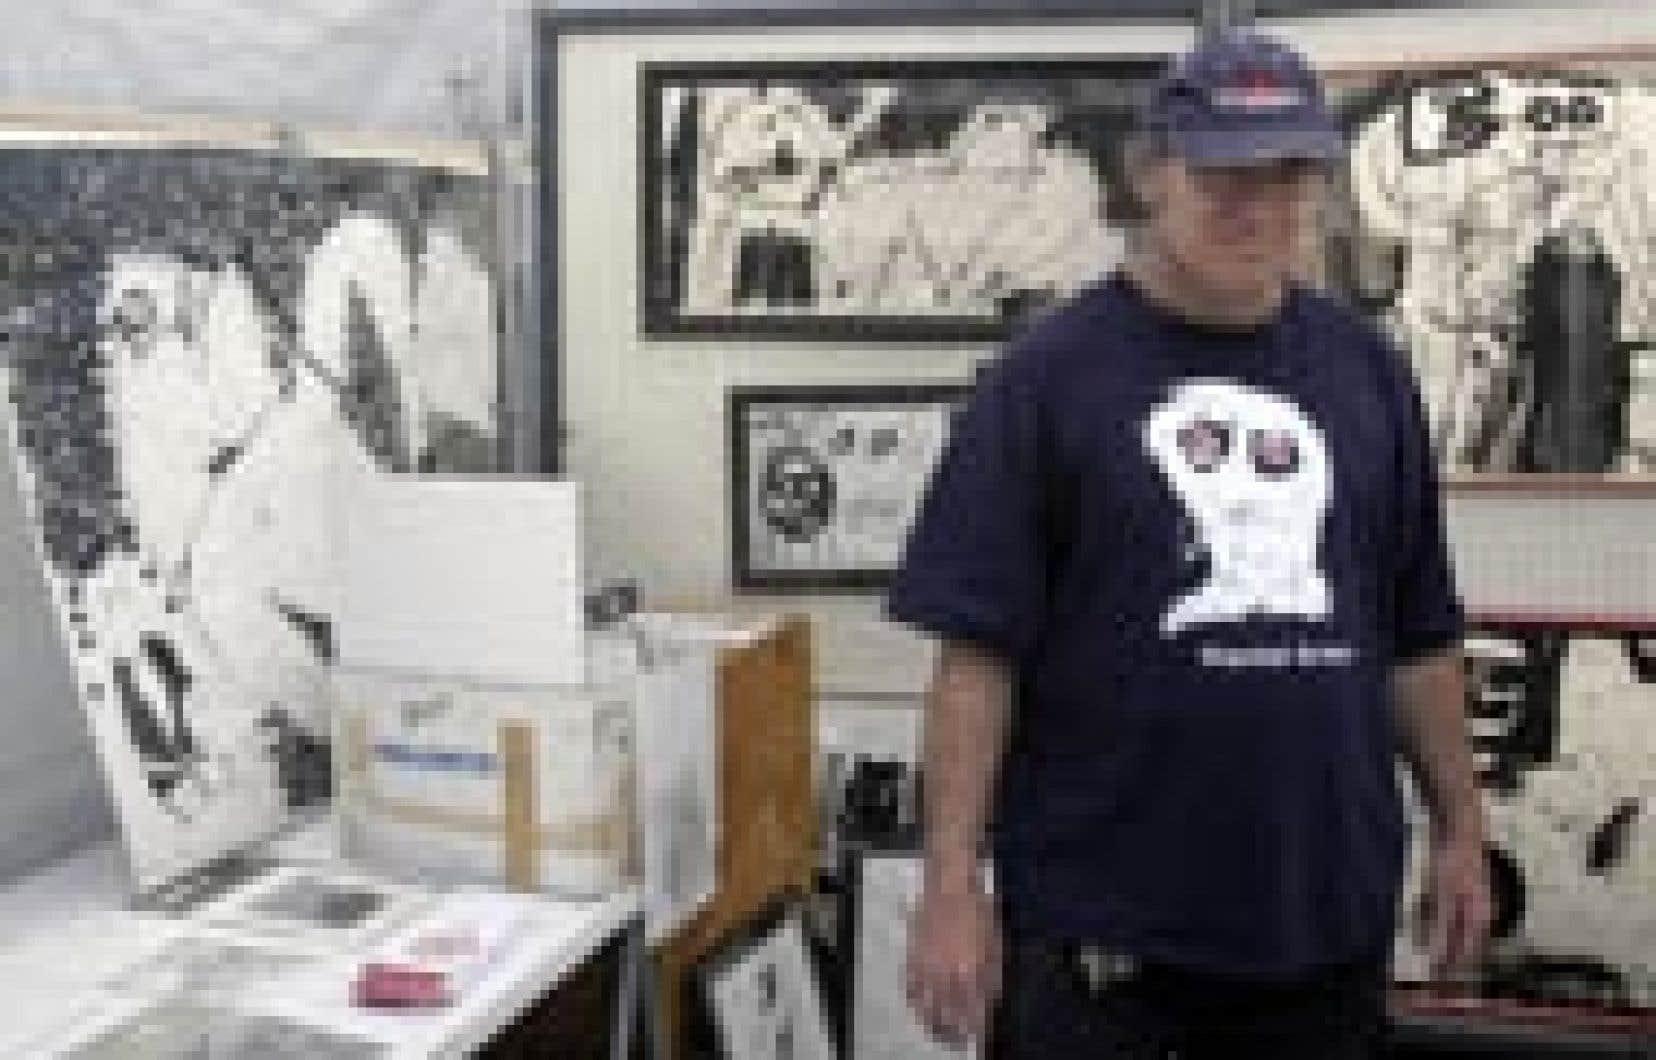 Le Grand Prix du 6e Festival Montréal en Arts, qui se tenait cette fin de semaine rue Sainte-Catherine, a été remporté par le dessinateur et graveur Daniel Erban.